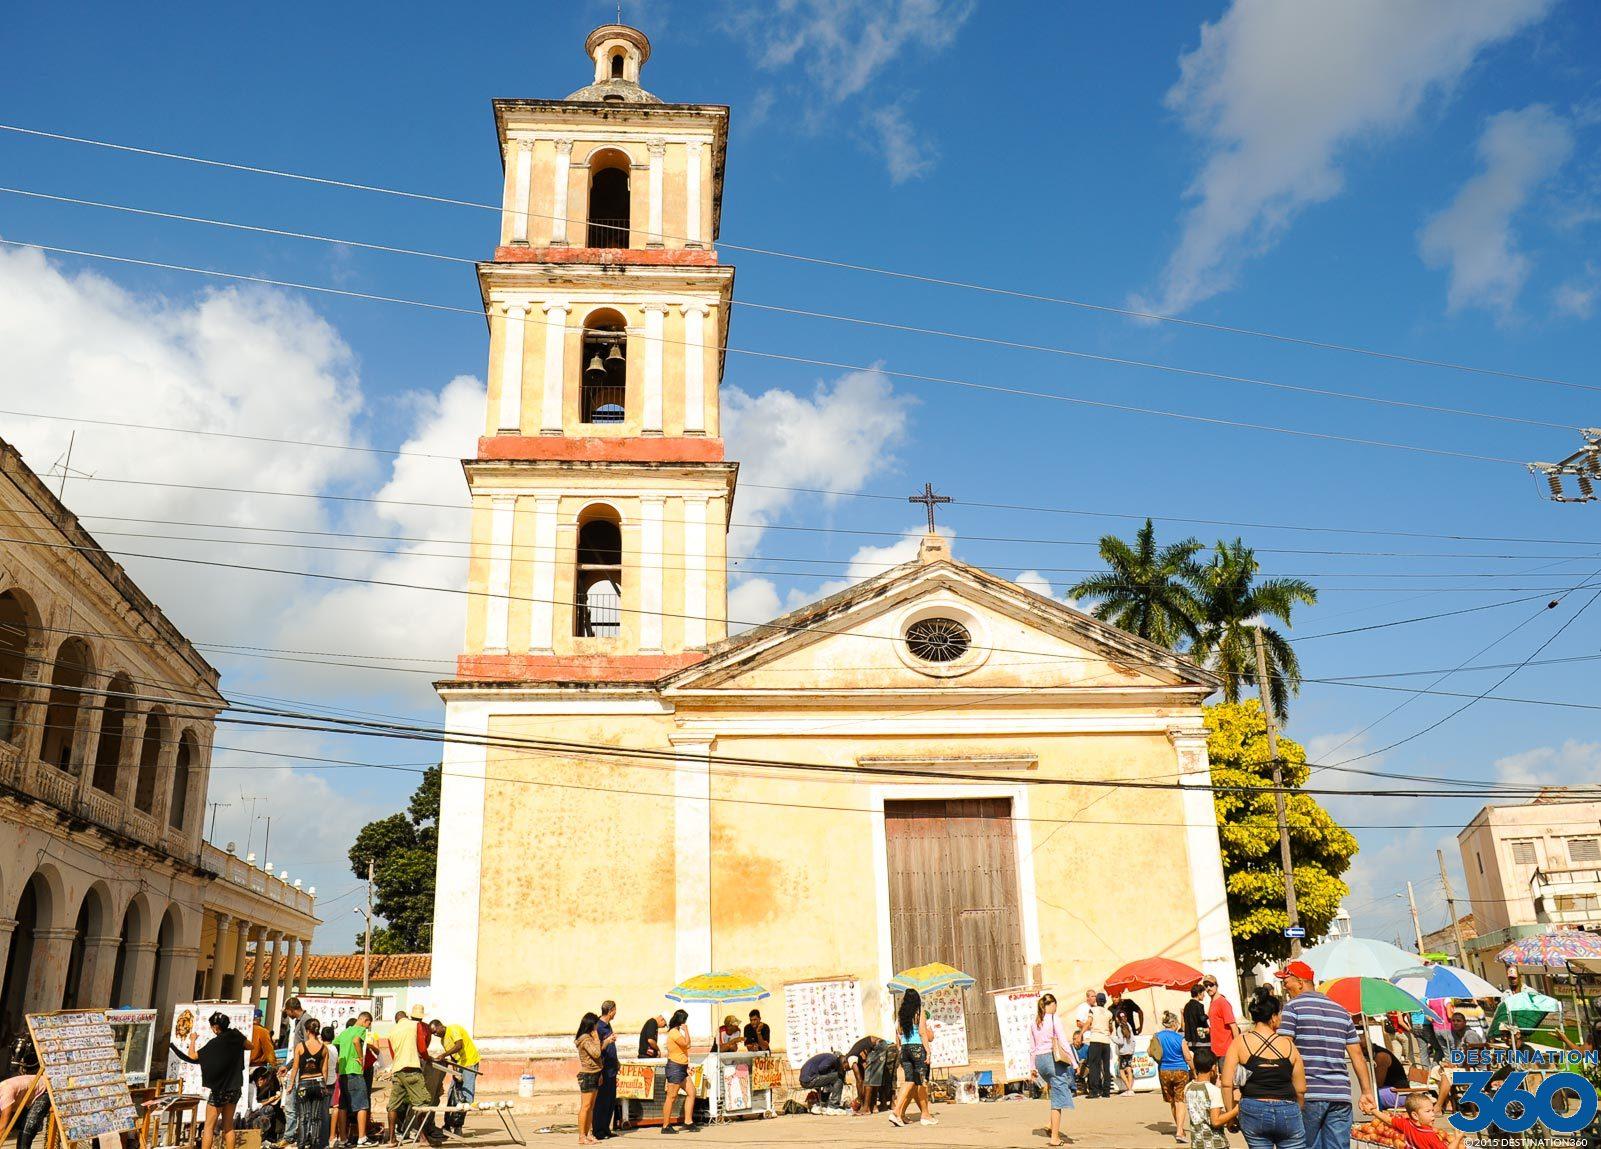 Remedios Cuba  Remedios Parrandas 2019